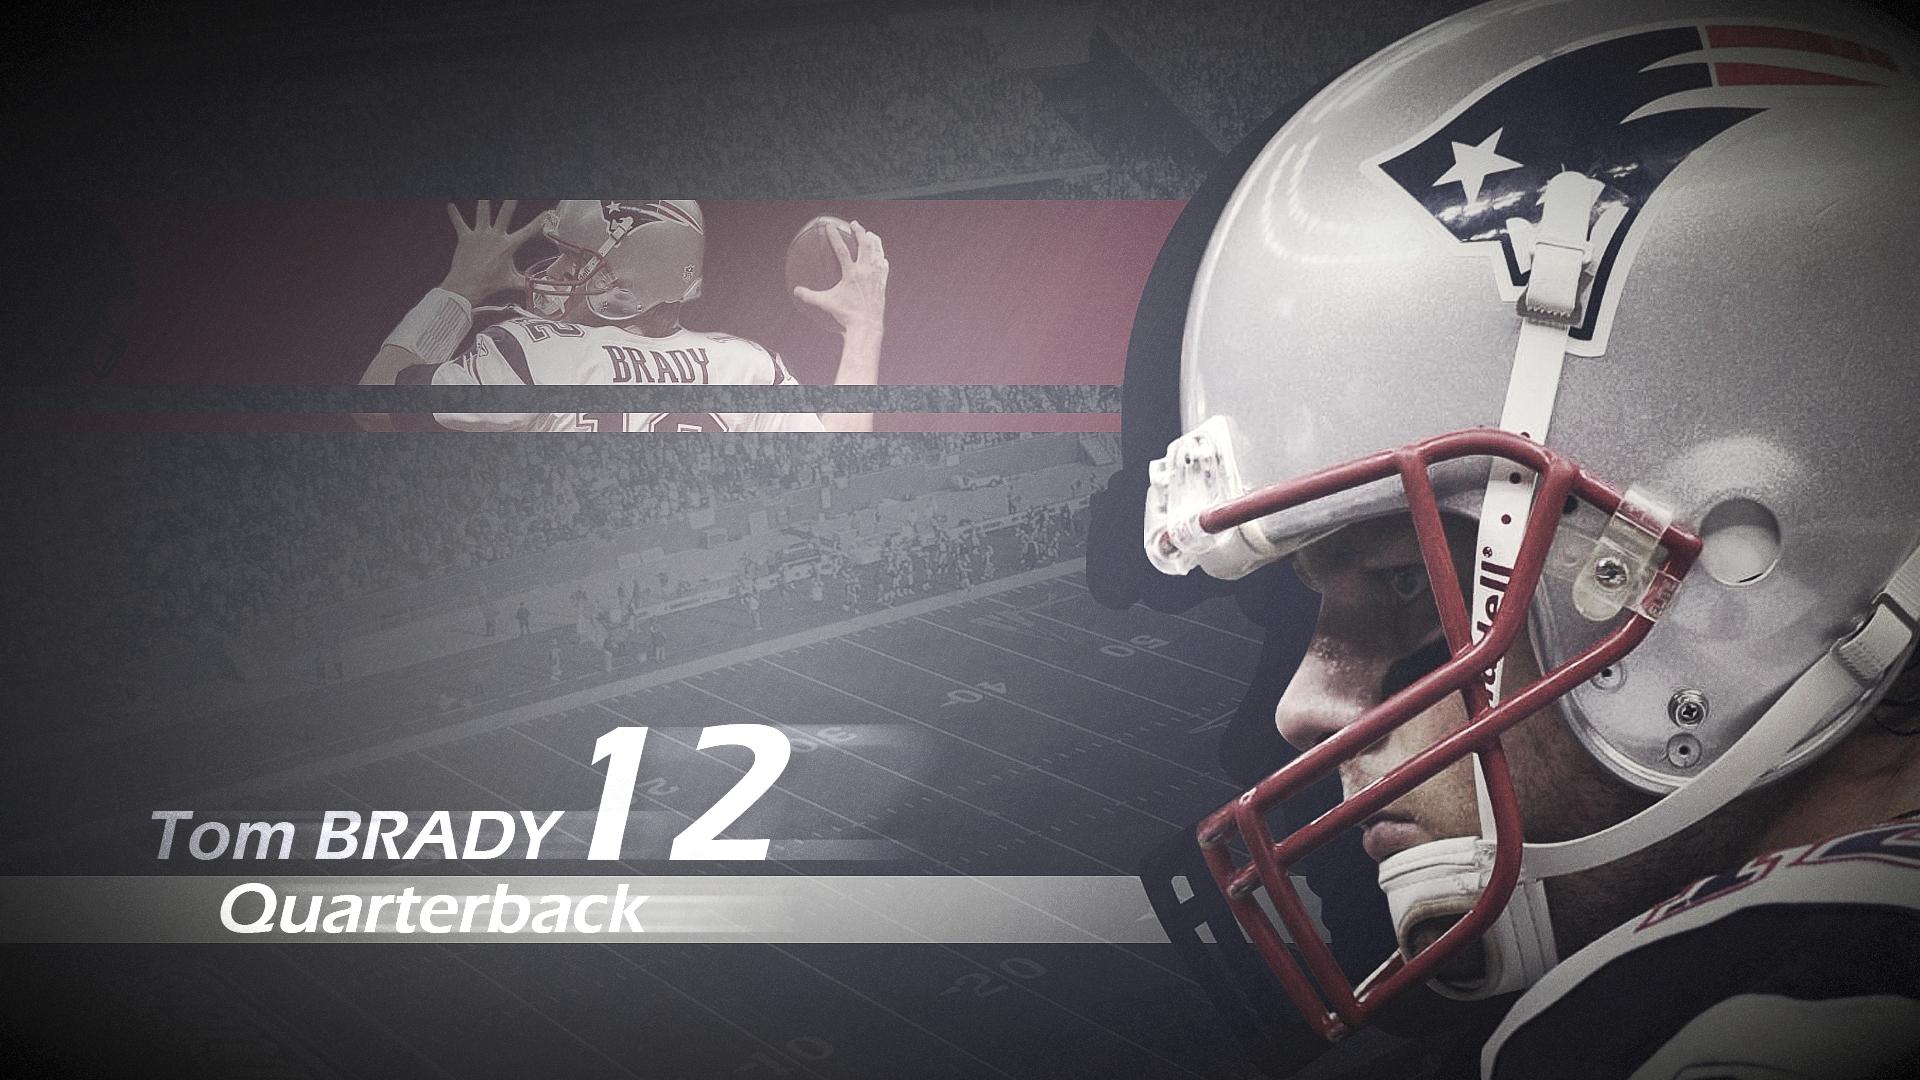 Tom Brady Wallpaper Iphone X Awesome Tom Brady Wallpaper Hd Wallpaper Wallpaperlepi